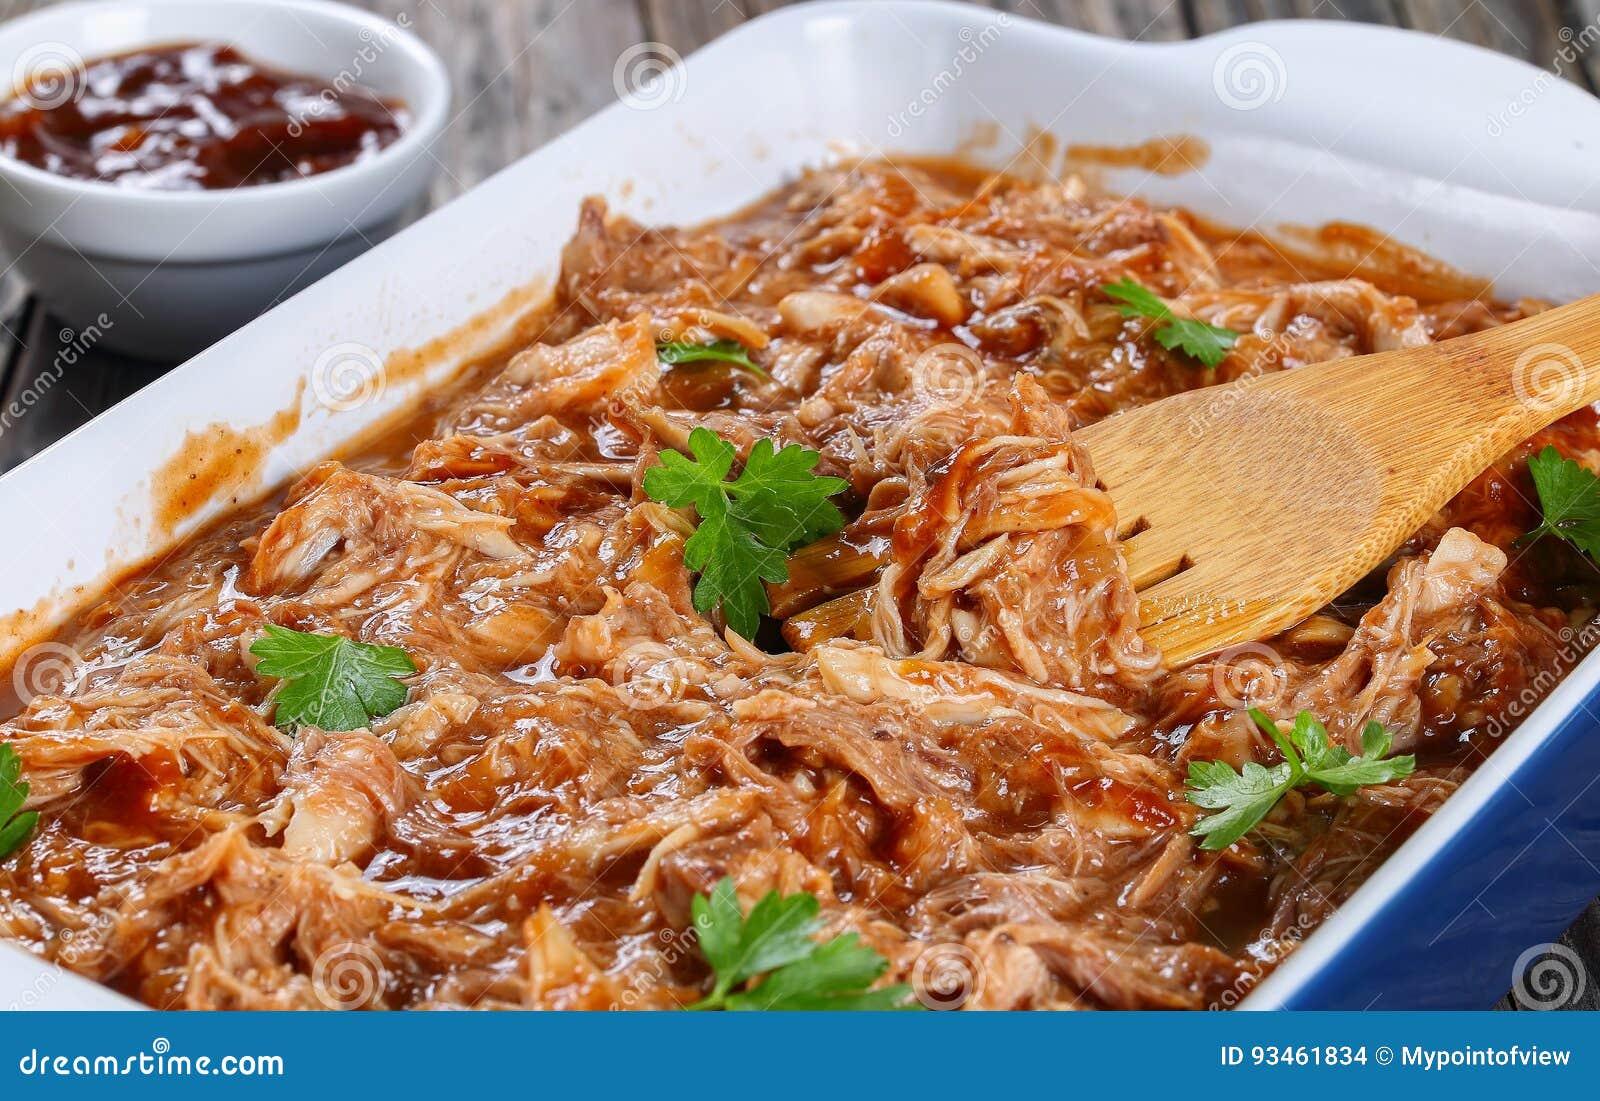 Carne tagliuzzata lanciata in salsa barbecue